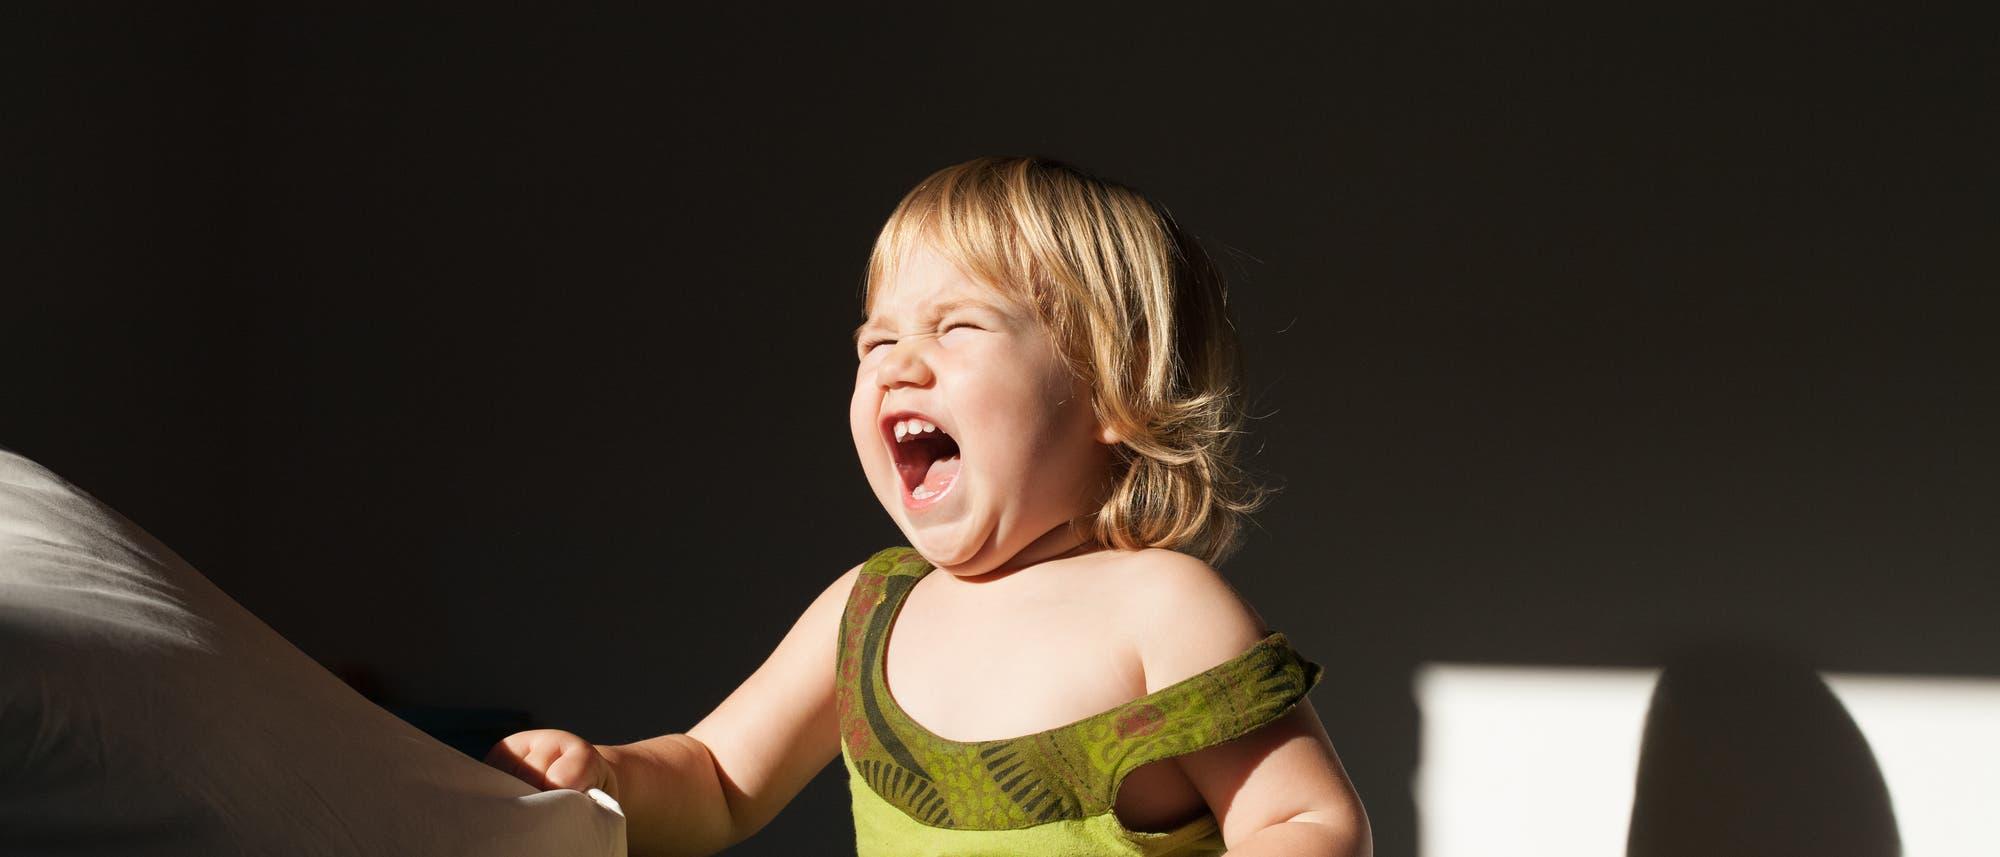 Ein fröhliches Kleinkind ruft die Sonne an